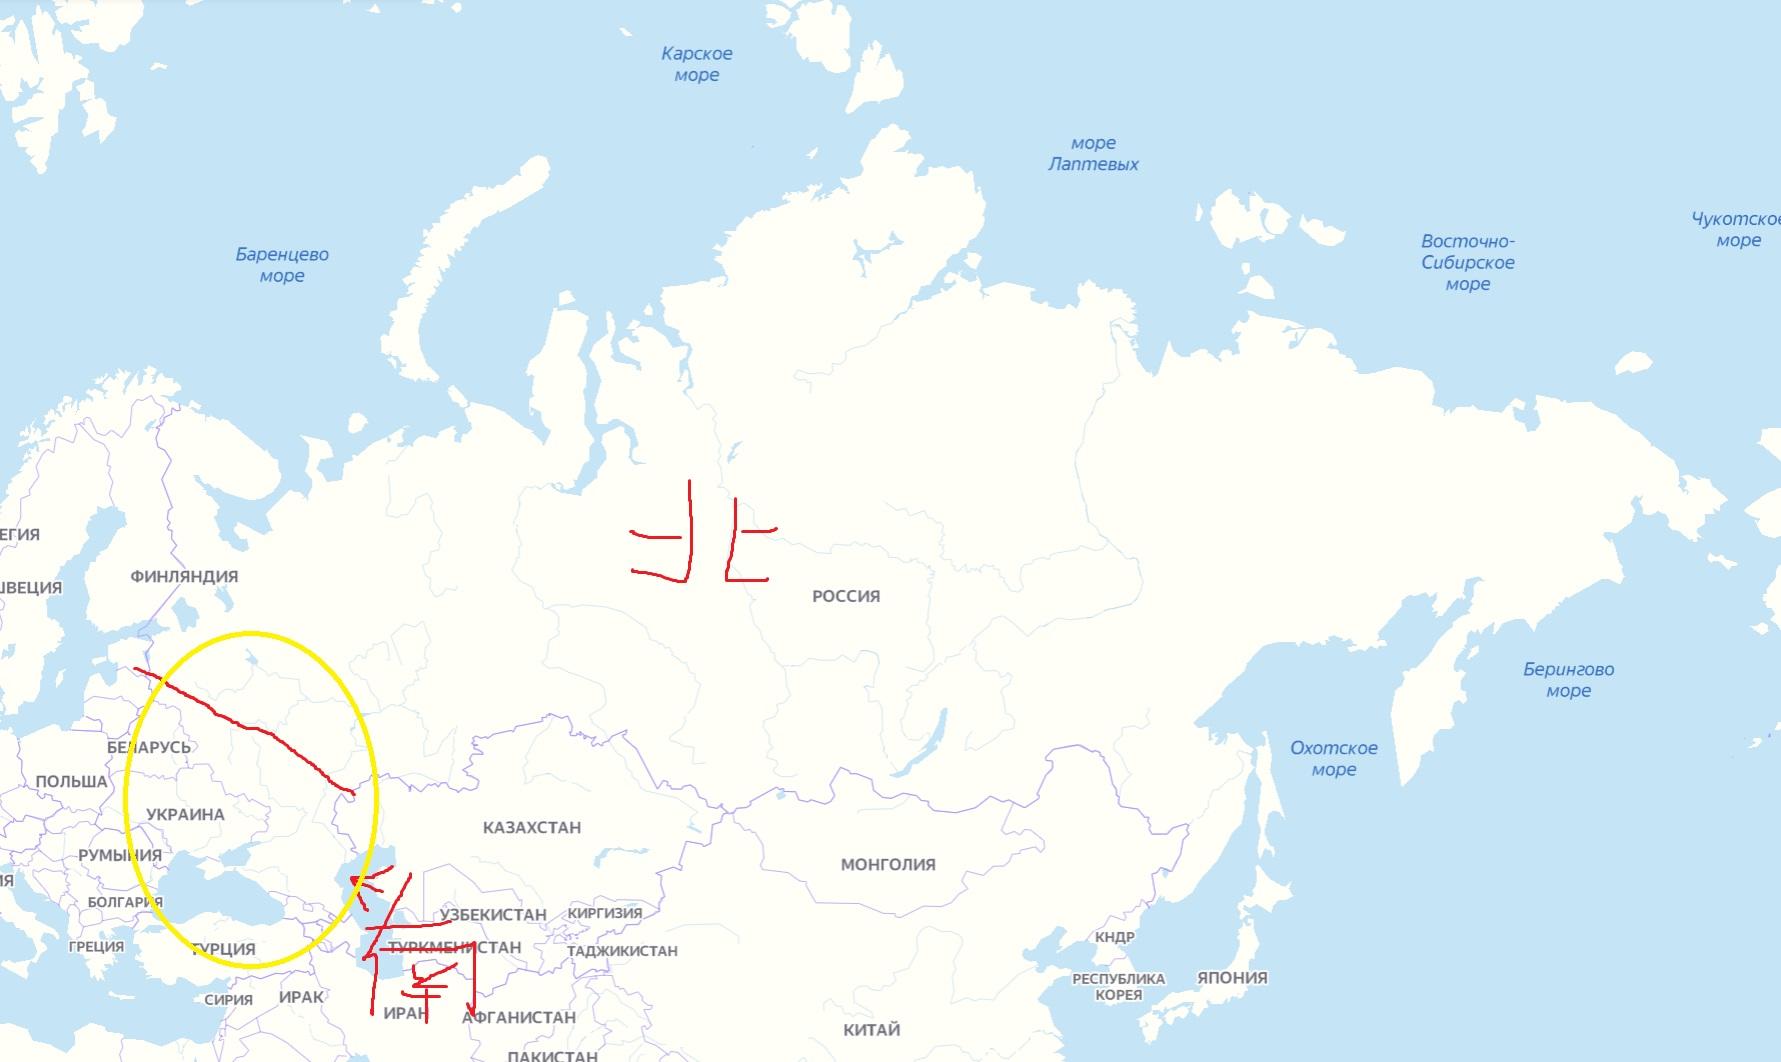 俄罗斯夏天的生活是什么样的?插图1-小狮座俄罗斯留学